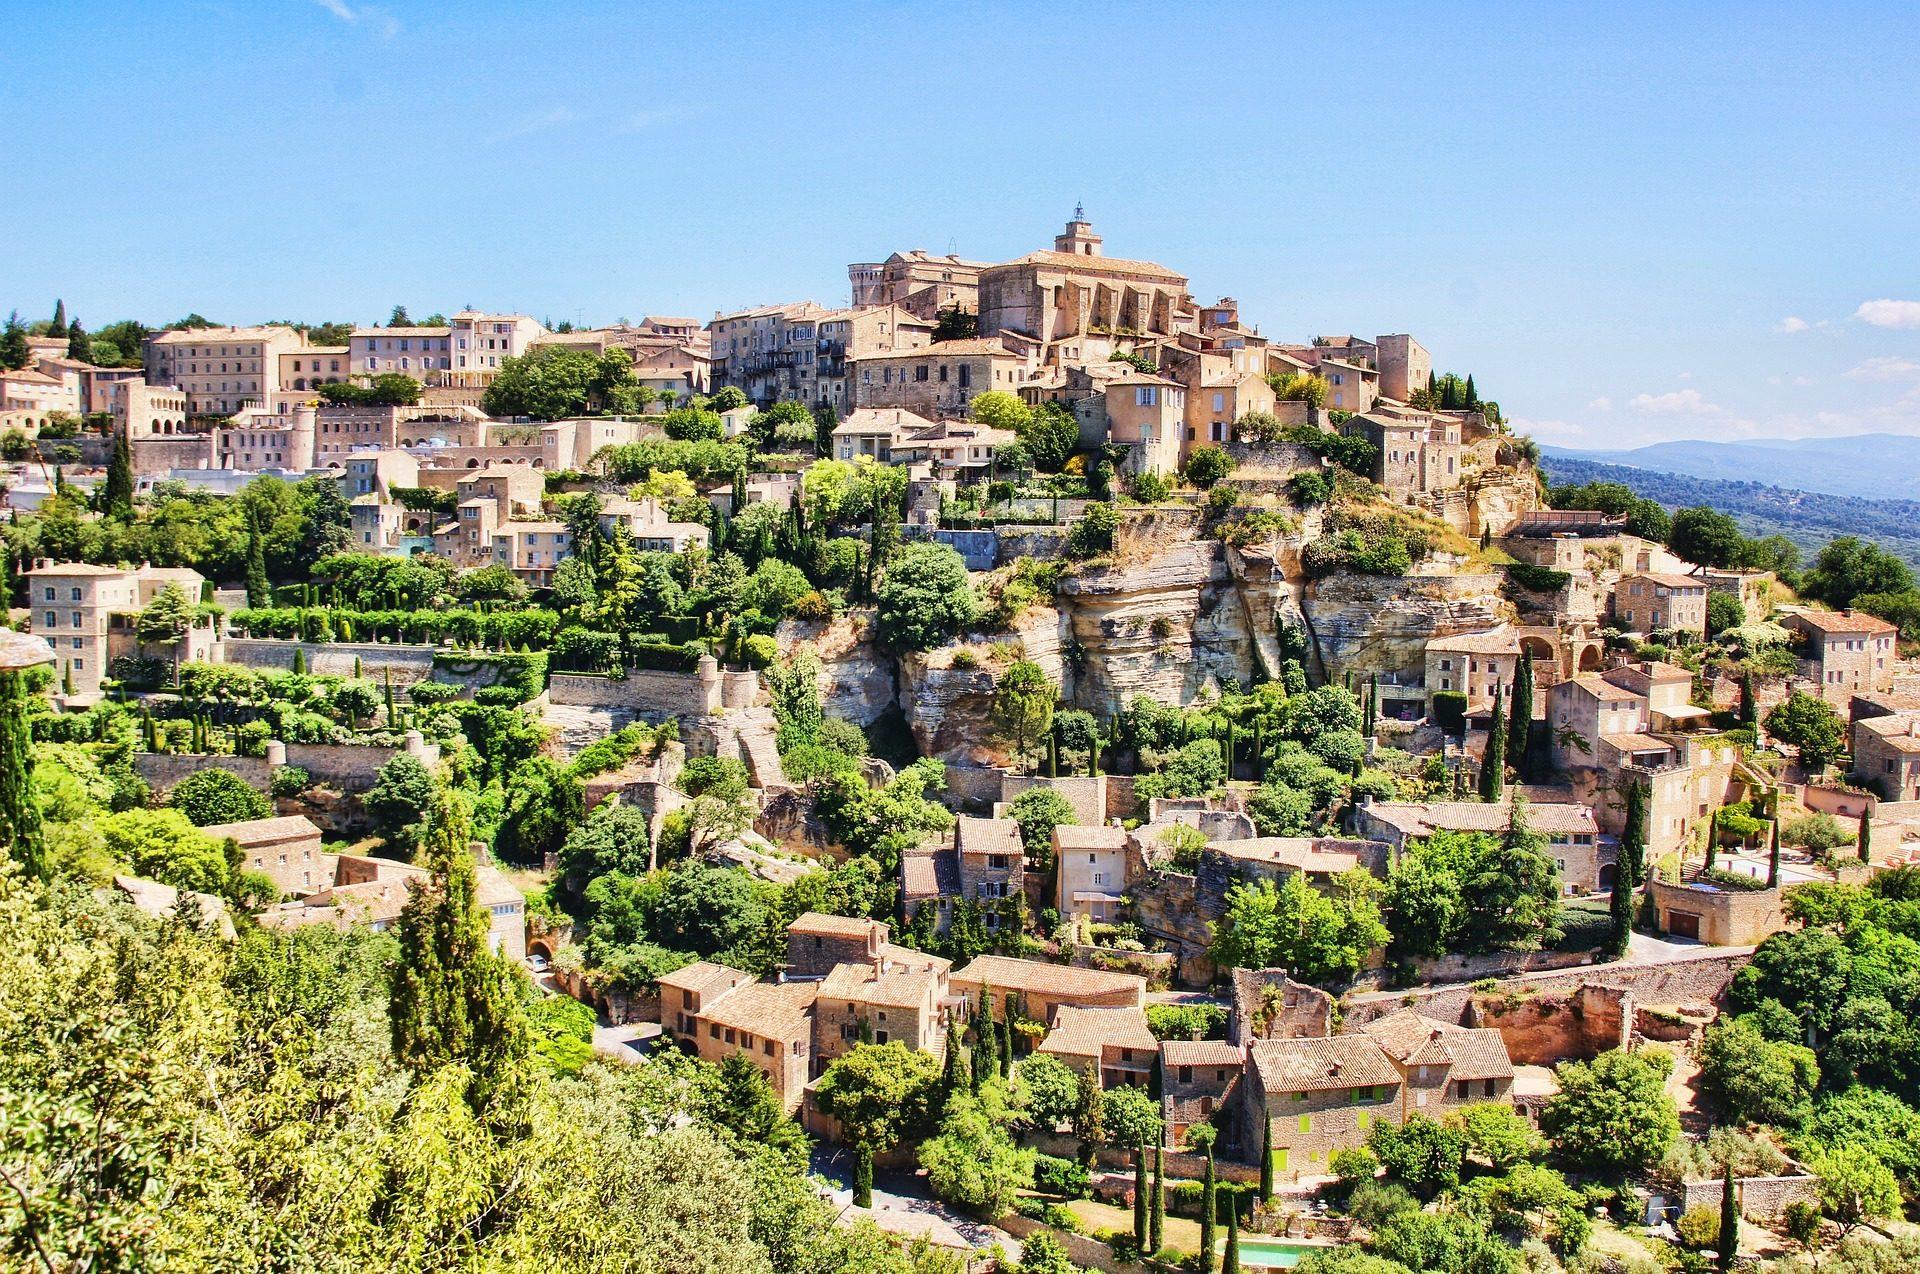 गांव, पहाड़, हिल, मकान, Provence, विला, फ़्रांस - HD वॉलपेपर - प्रोफेसर-falken.com